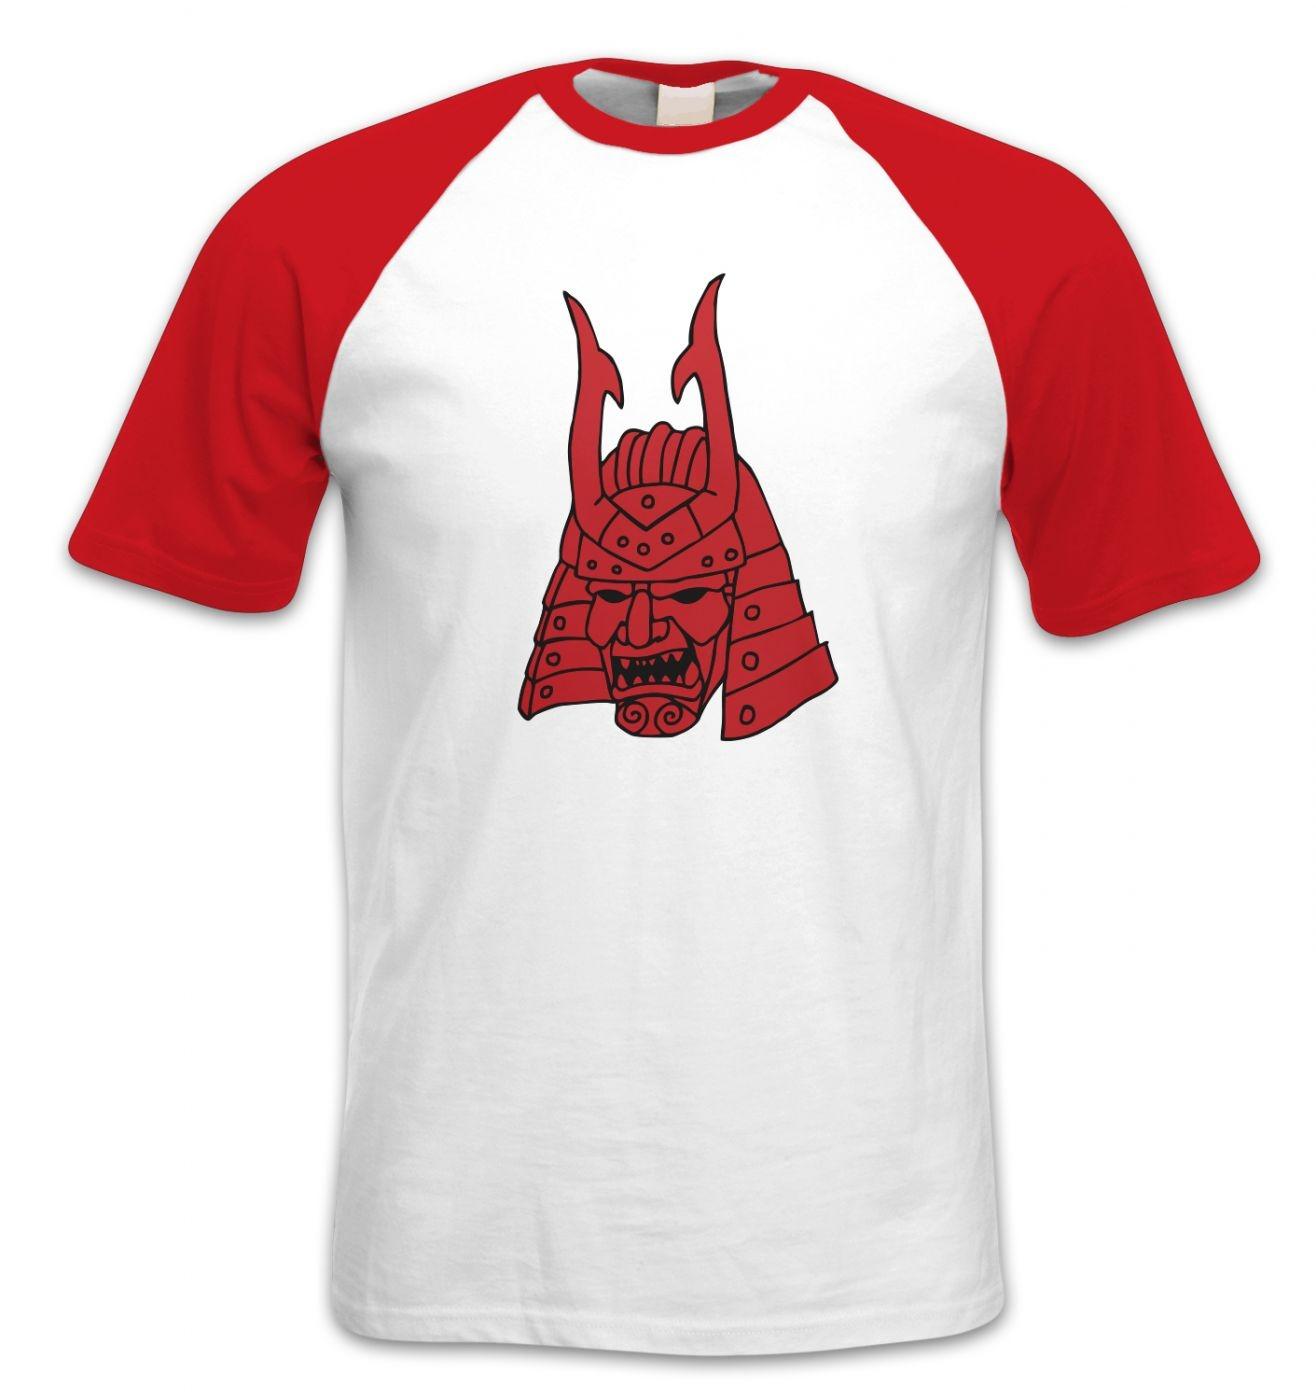 Samurai Helmet Japanese short-sleeved baseball t-shirt